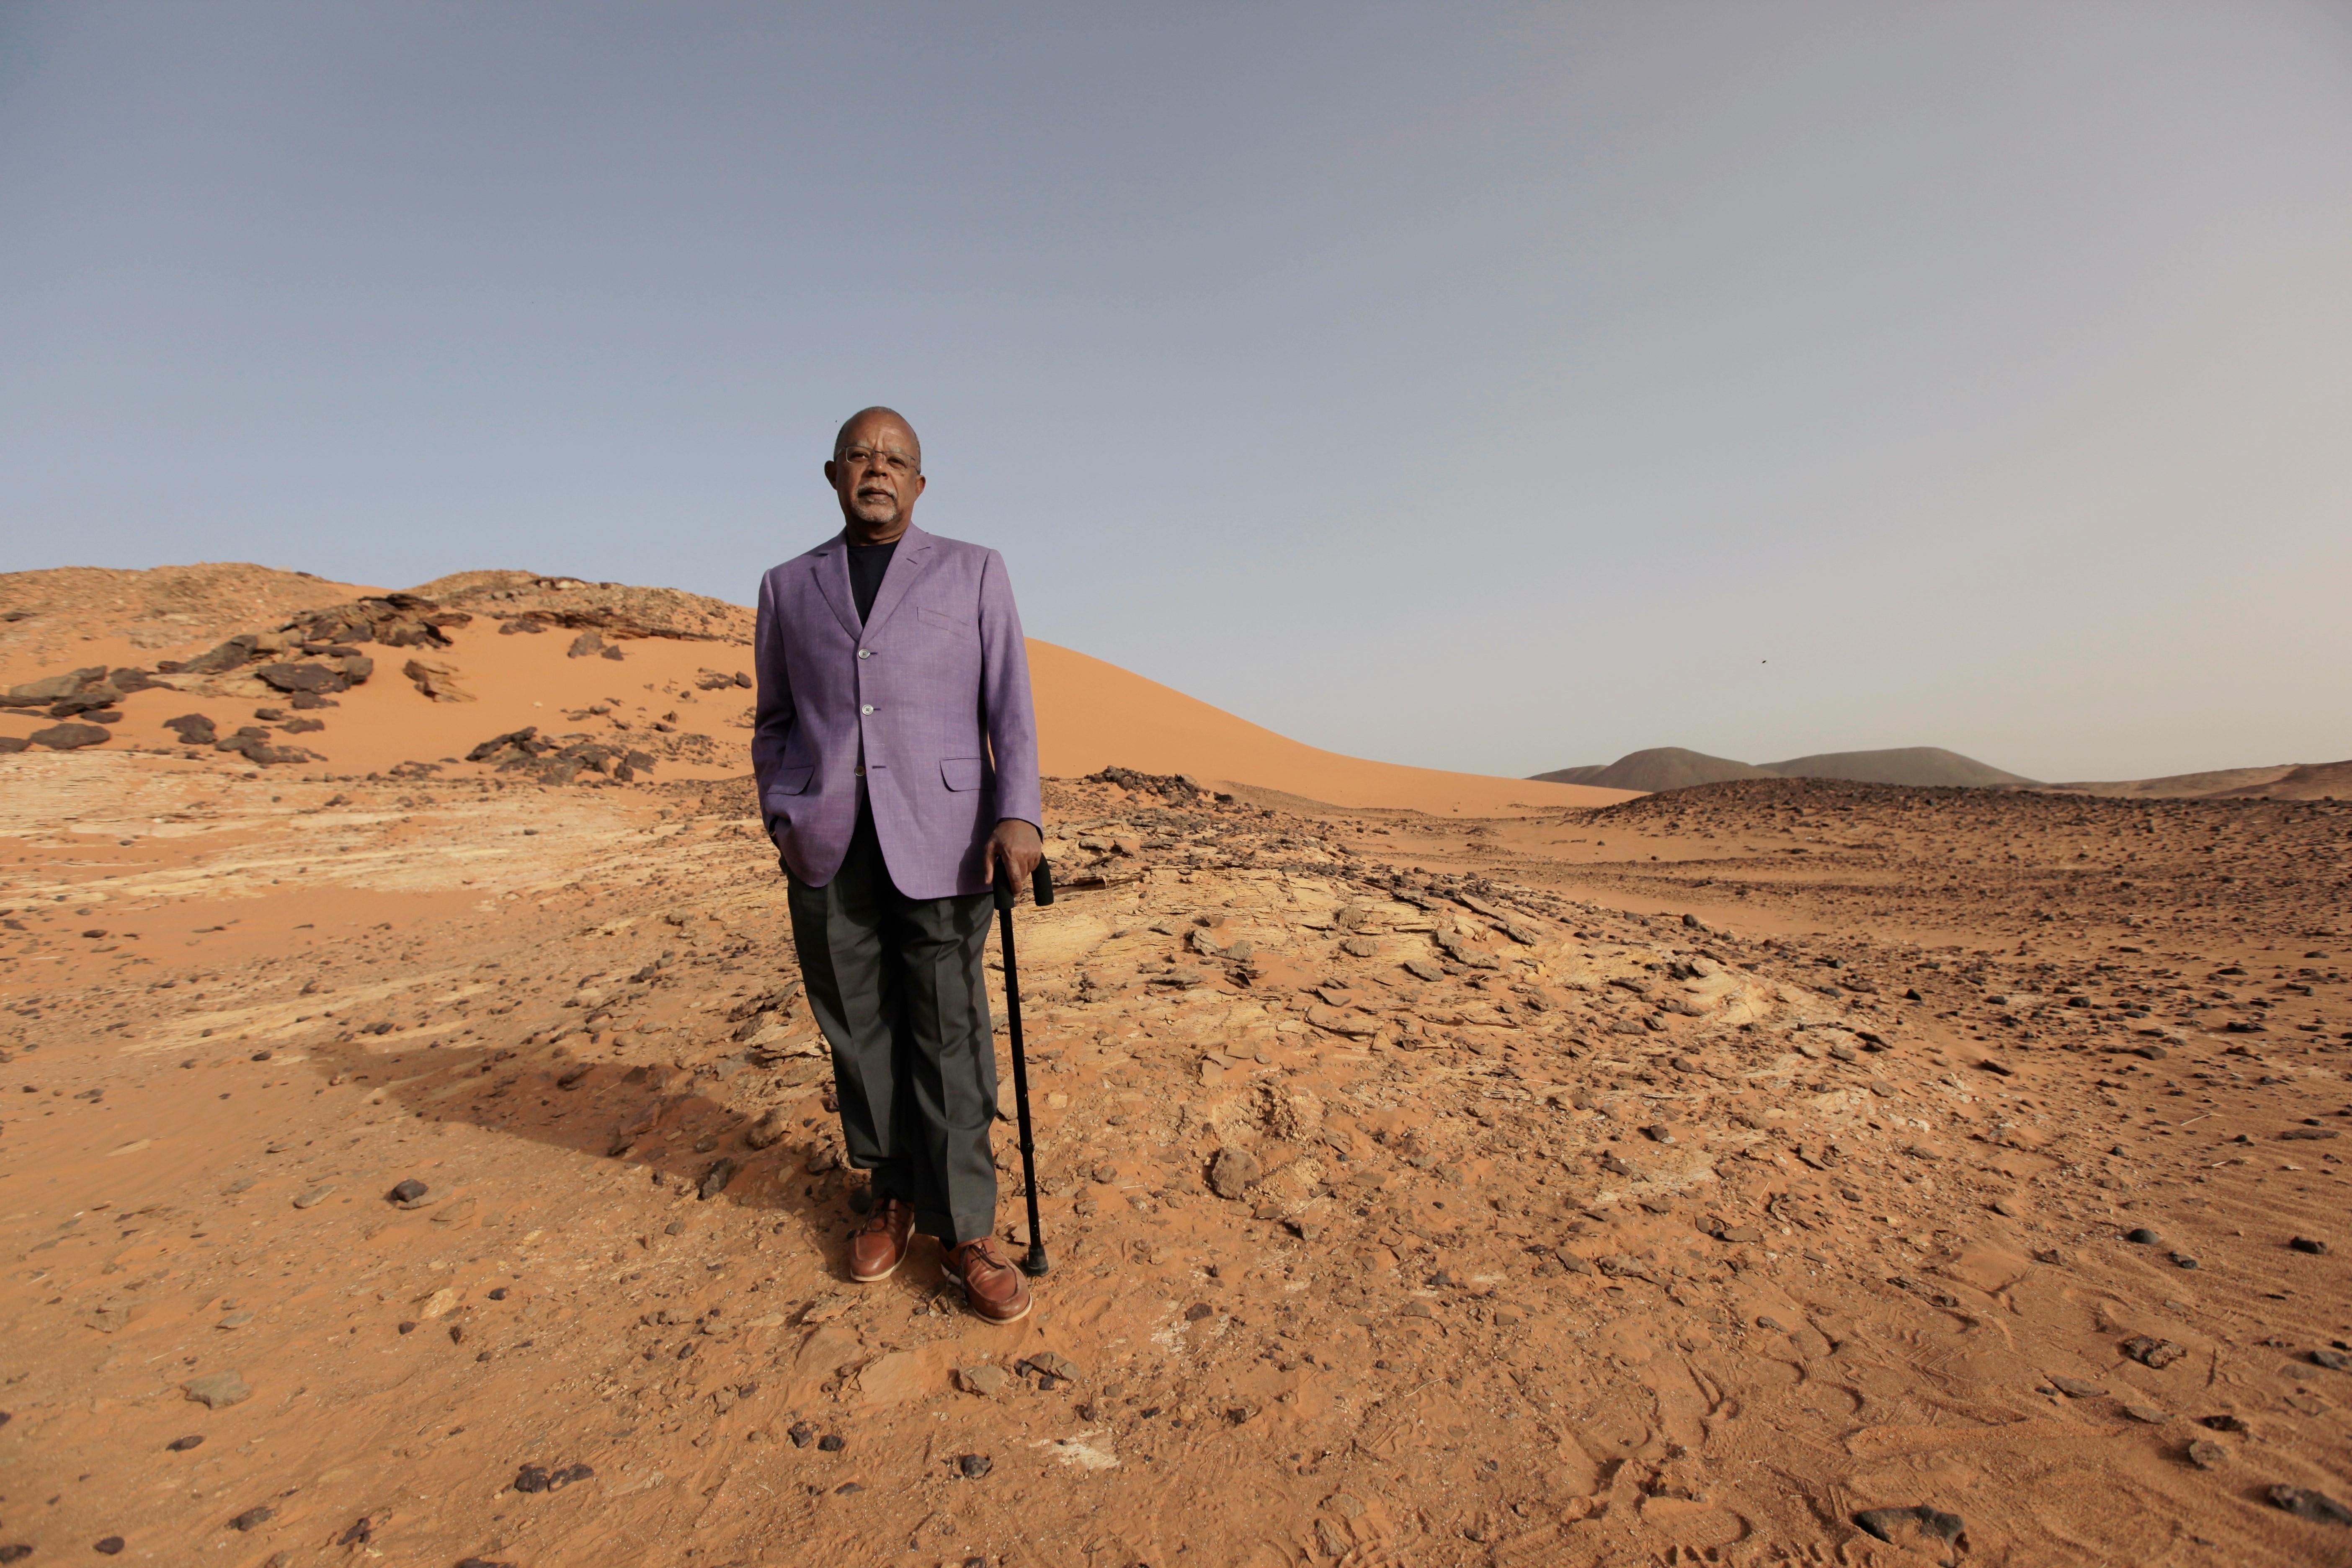 Professor Henry Louis Gates, Jr. in the desert of Sudan